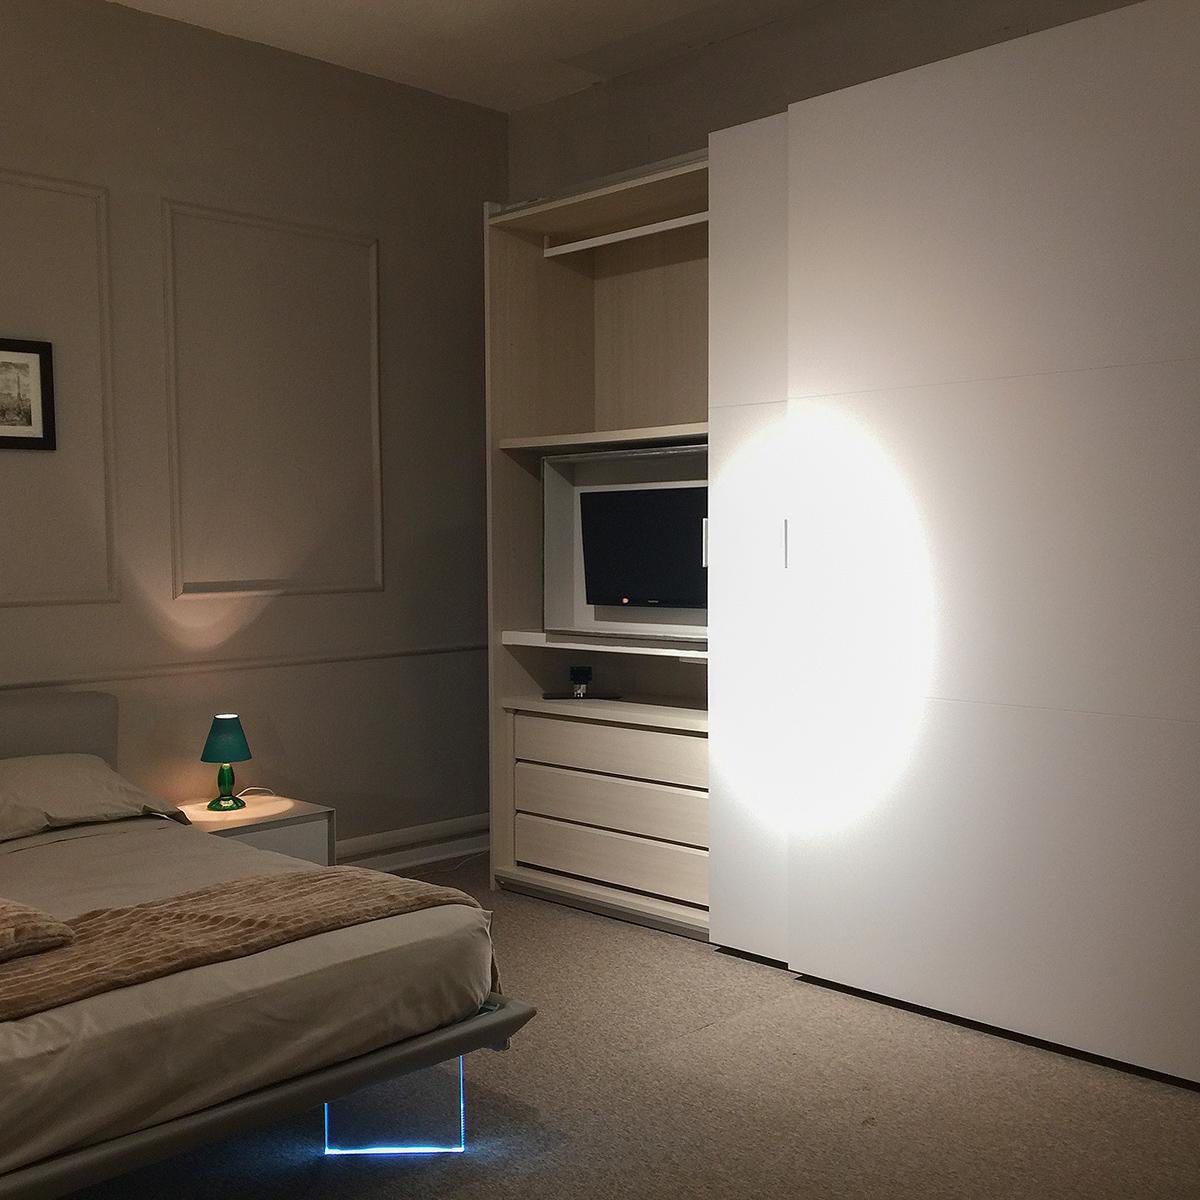 Stanze ikea per ragazze disegno idea camere da letto per ragazze ikea stanze per ragazze ikea - Camere da letto ikea per ragazze ...